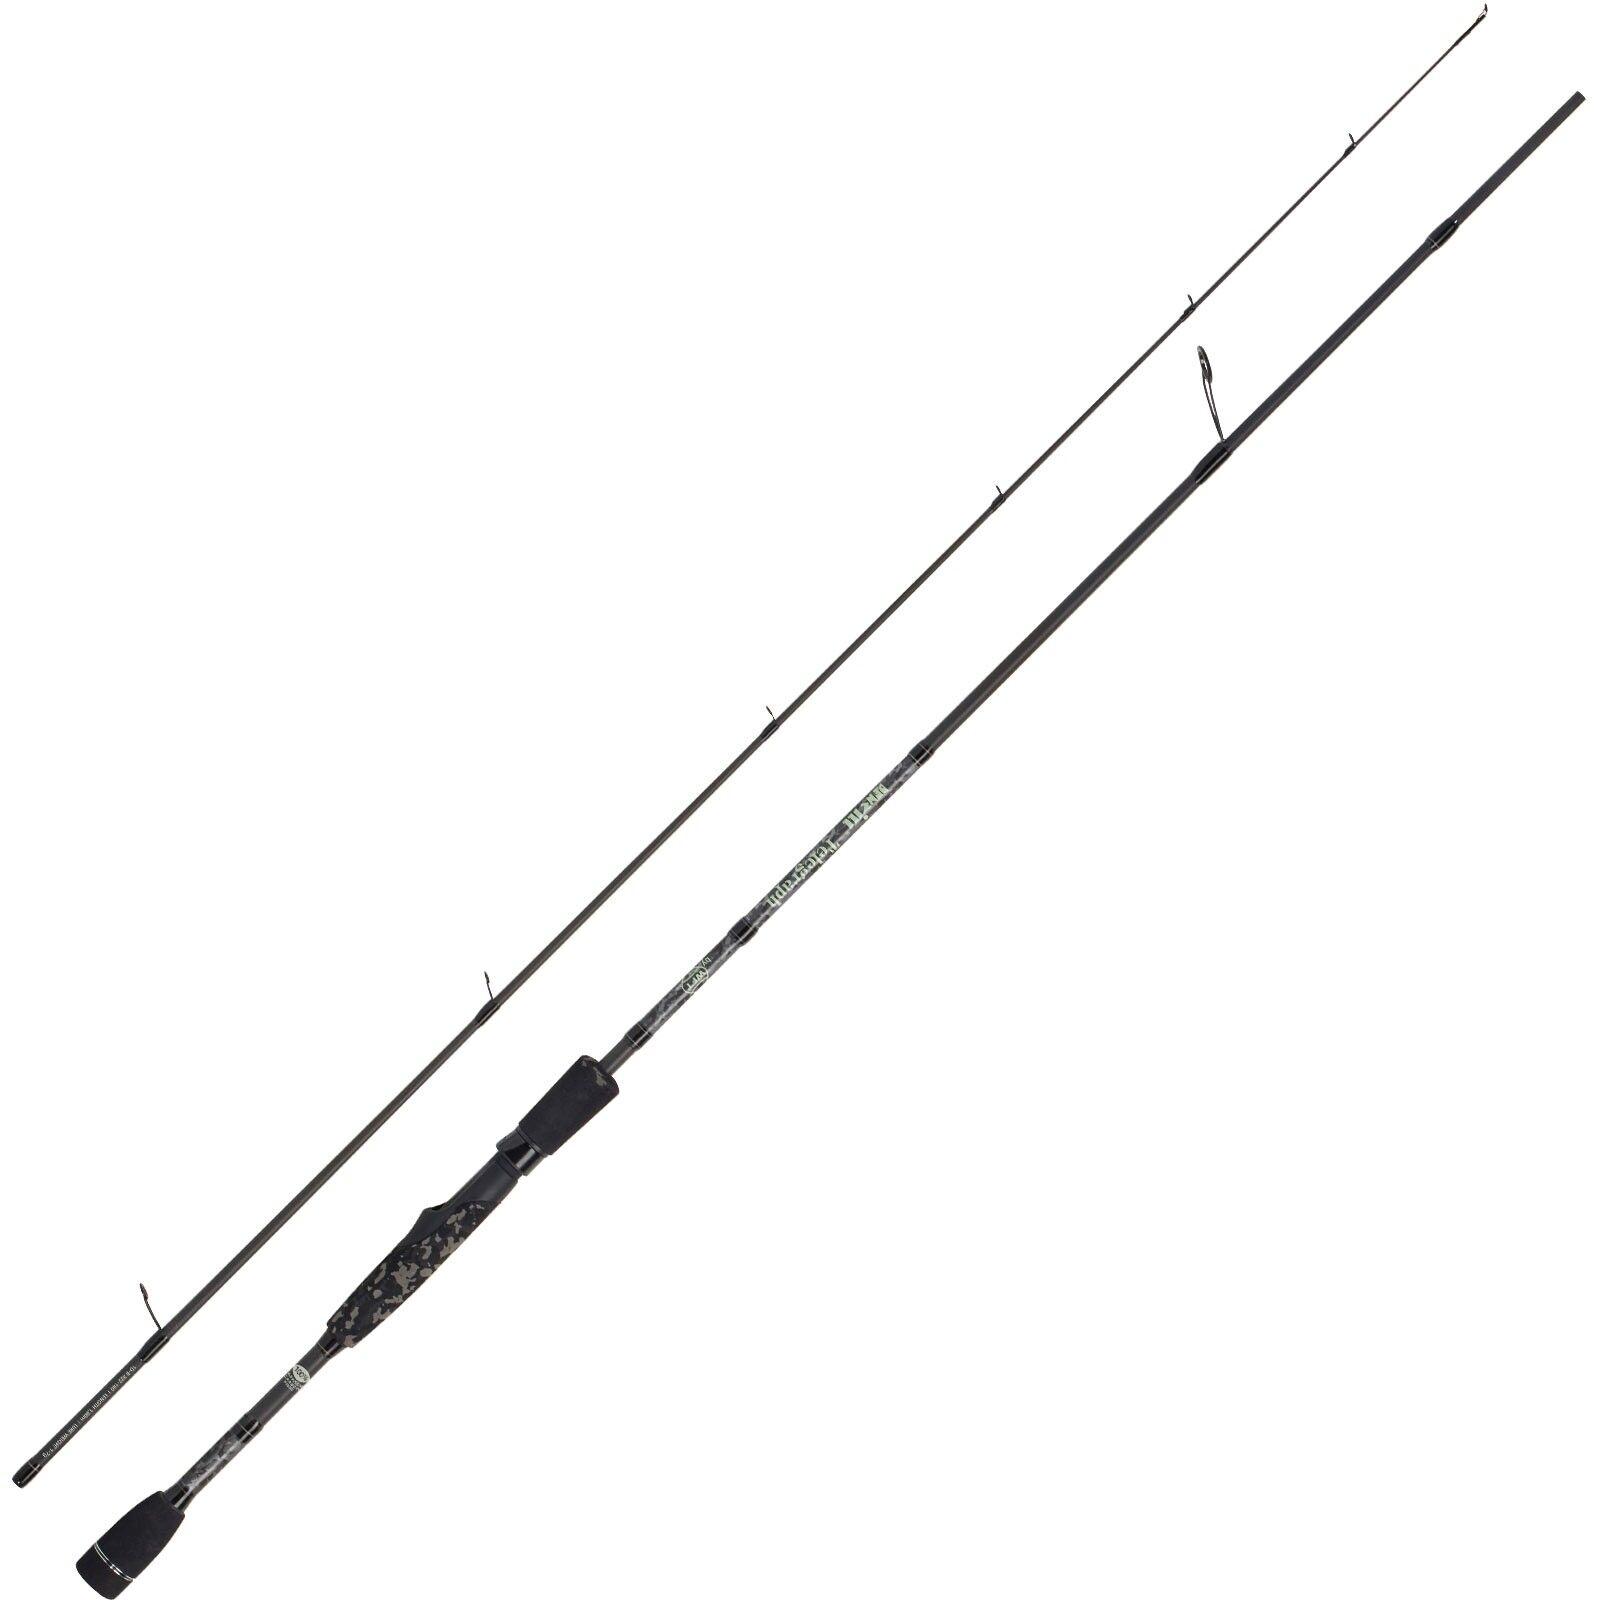 WFT canna da pesca spinning – penzill Telegraph UL 2,10m 17g 2 Pezzi Ultra Light